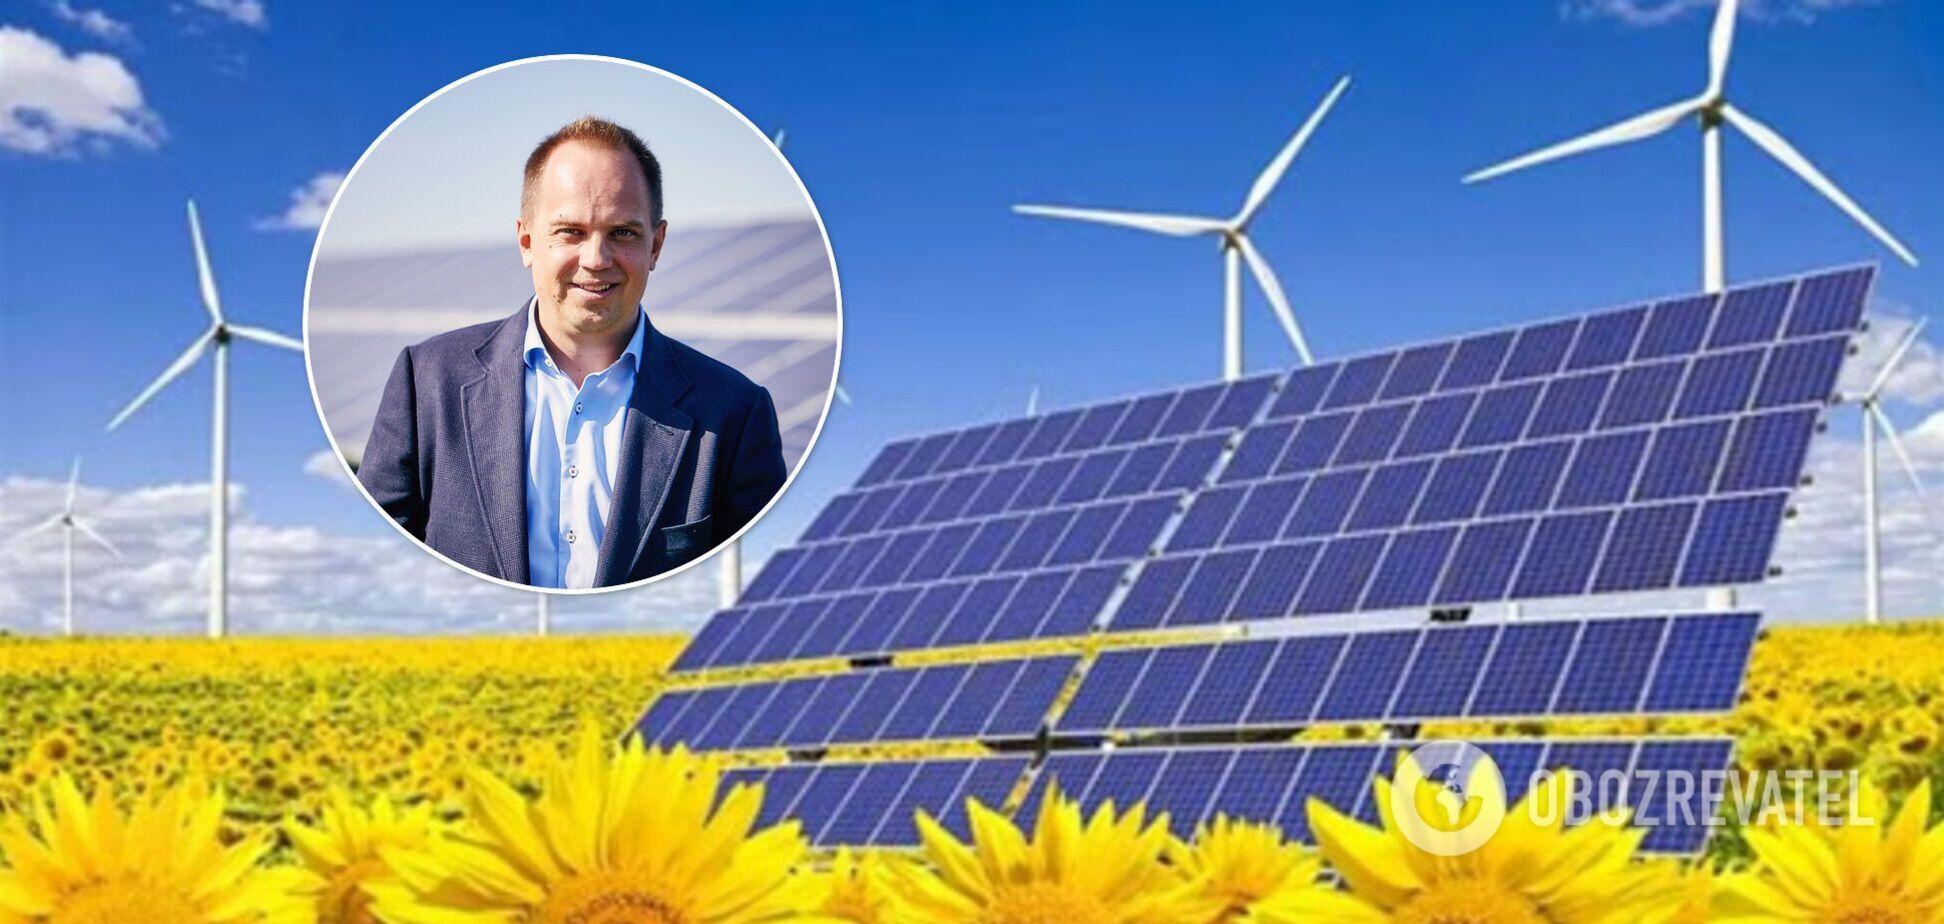 Кабмін намагається запровадити нові податки для зеленої енергетики, щоб витягнути з інвесторів більше грошей – Євтушенко